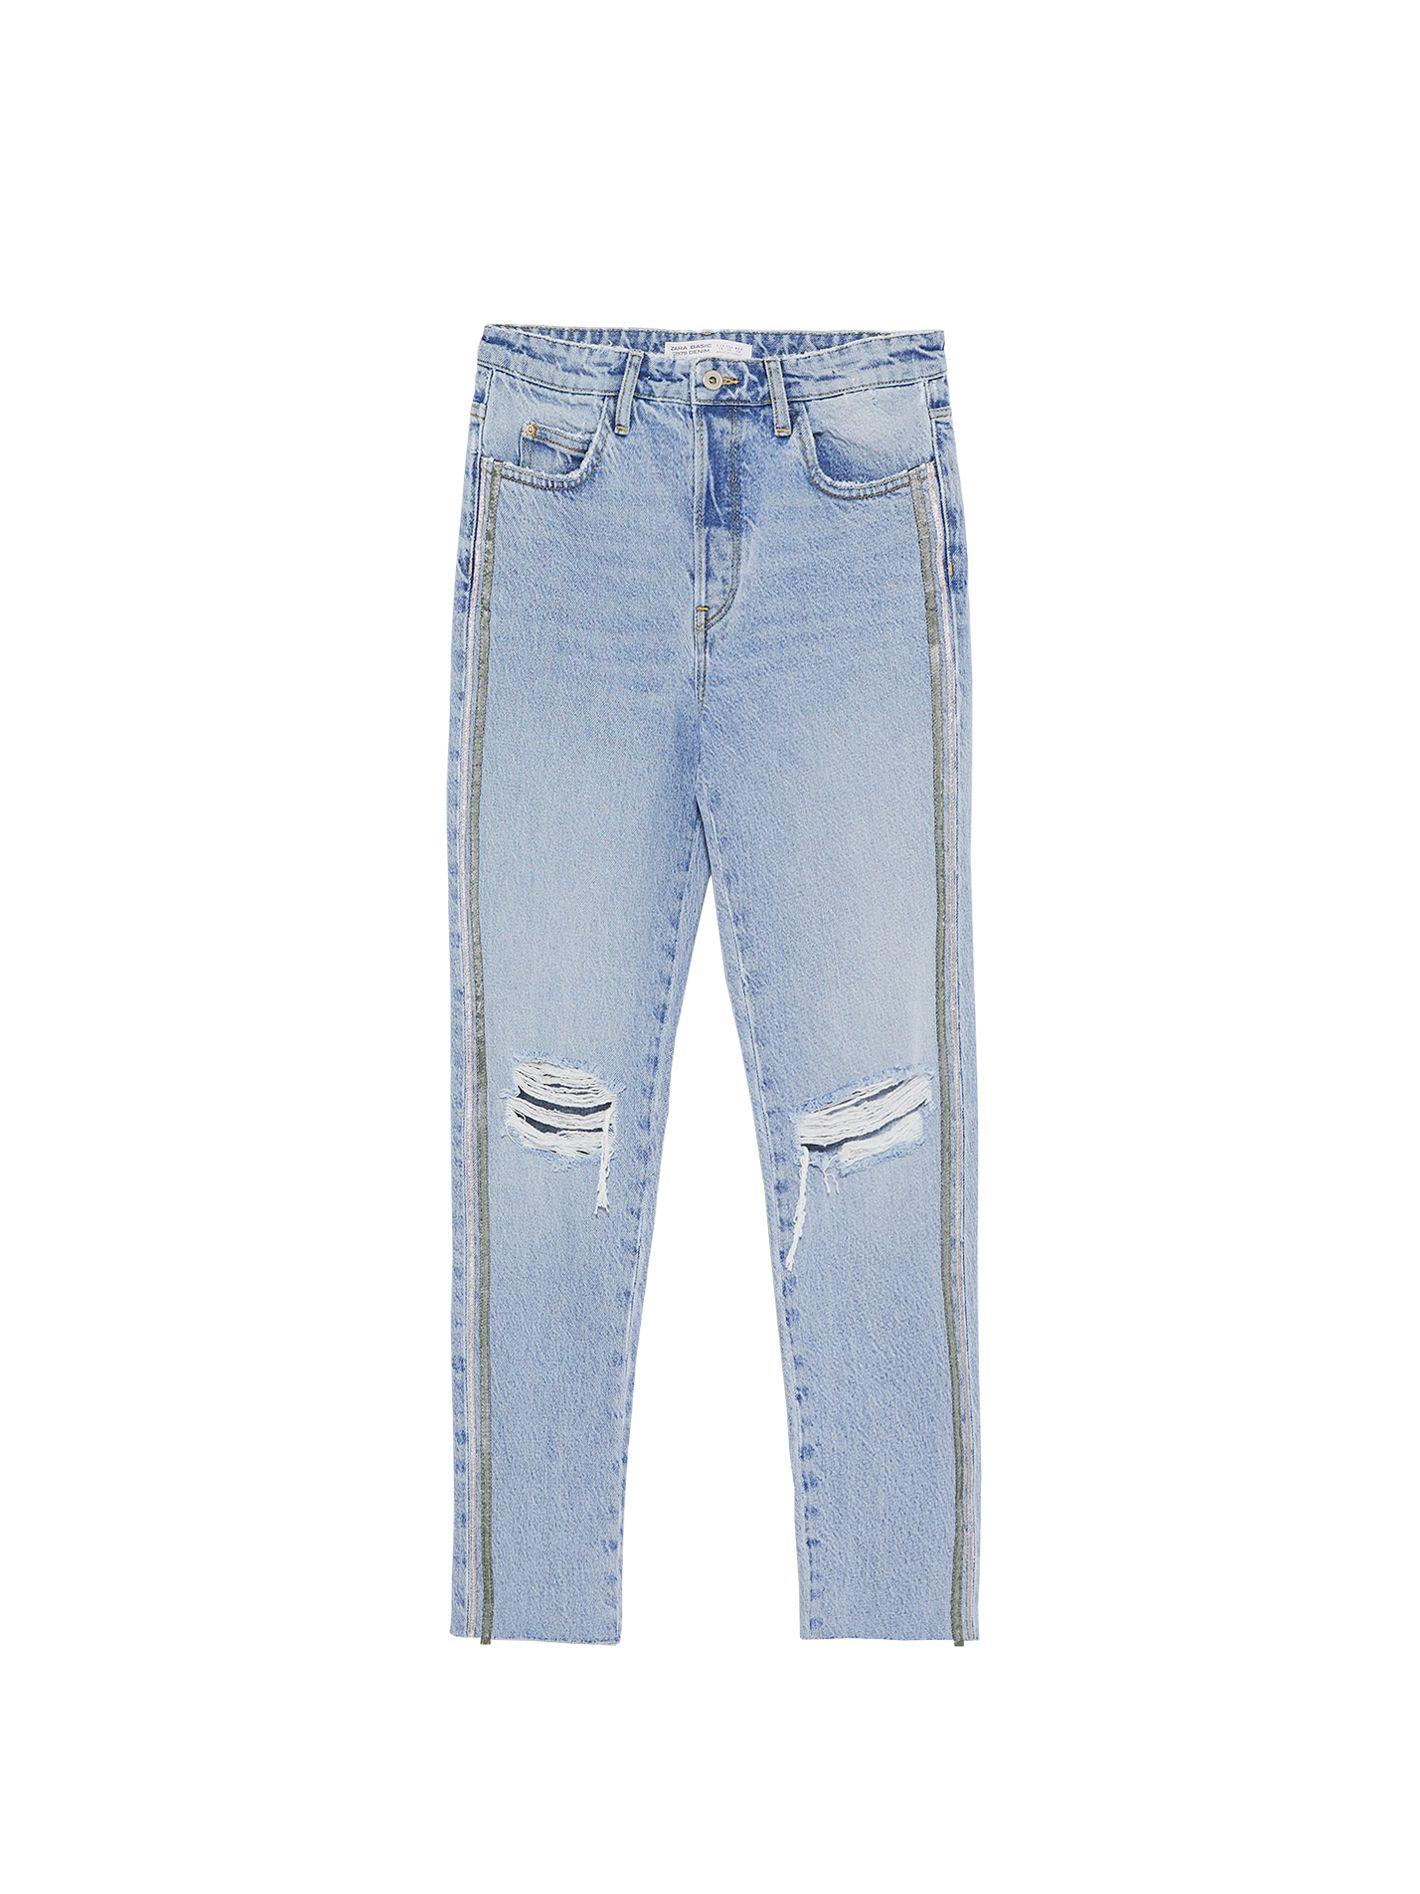 9 pantalones para colgar los pitillo ahora mismo